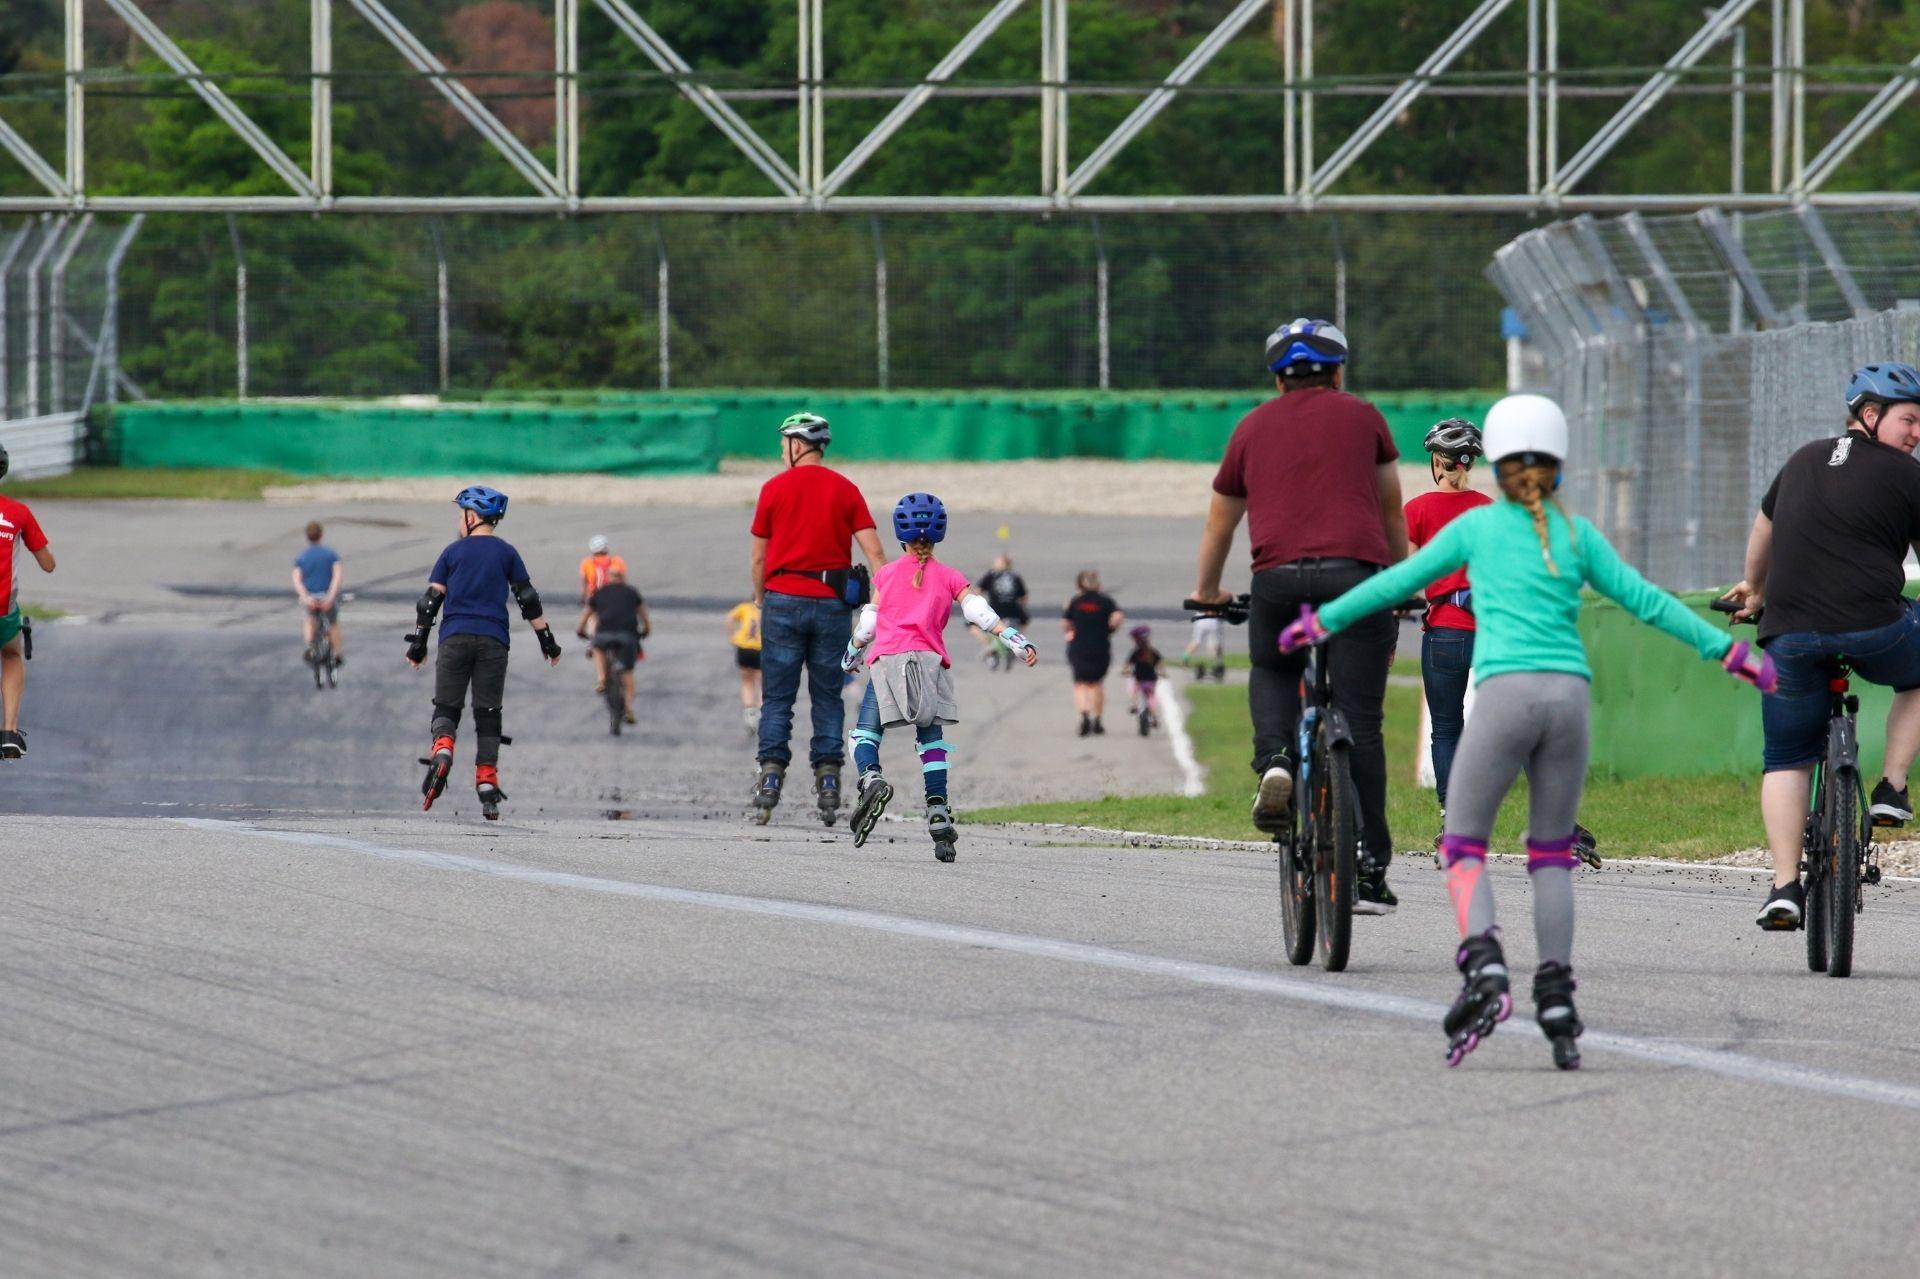 Testet die Strecke am 30. Juli bei Fit on Track!